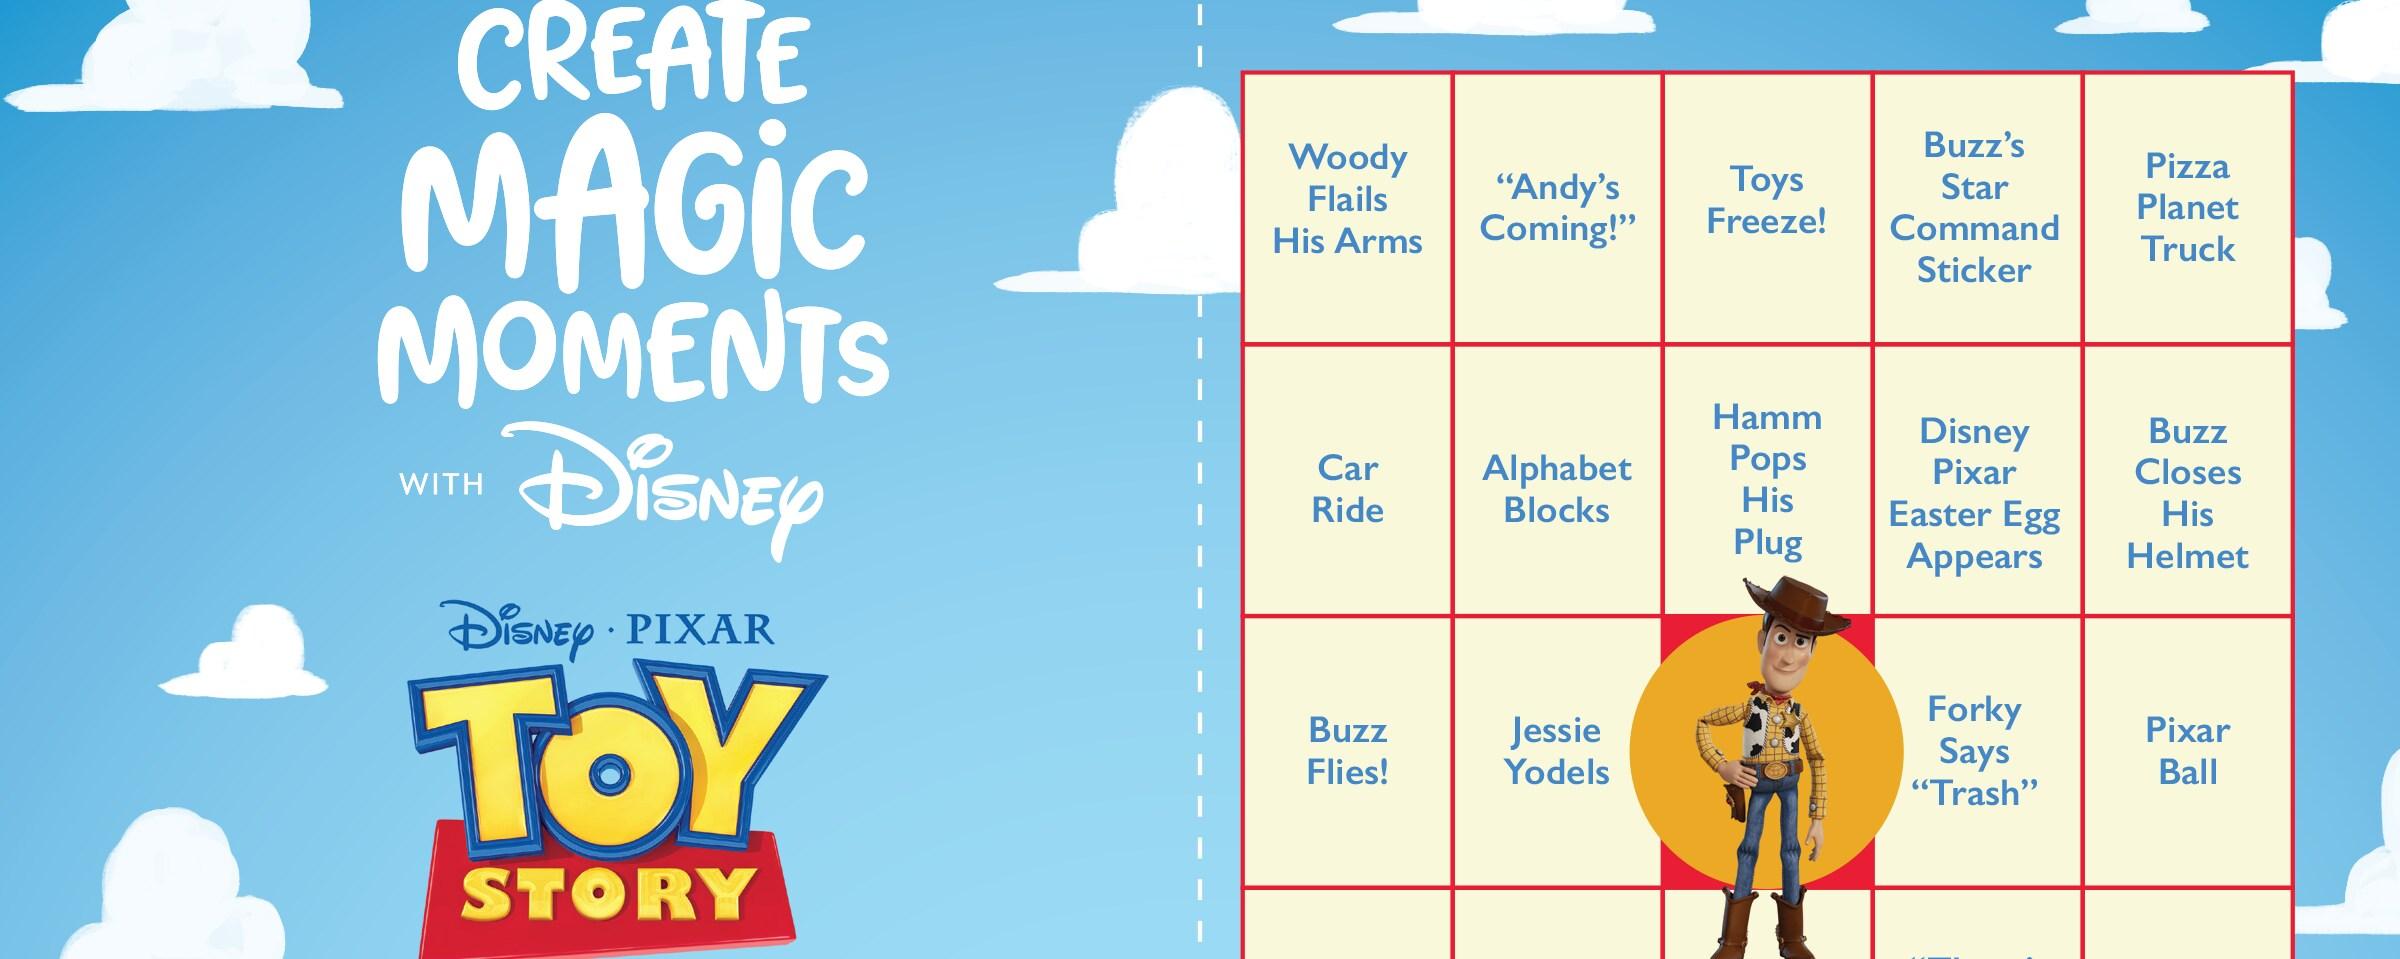 Toy Story Bingo Card